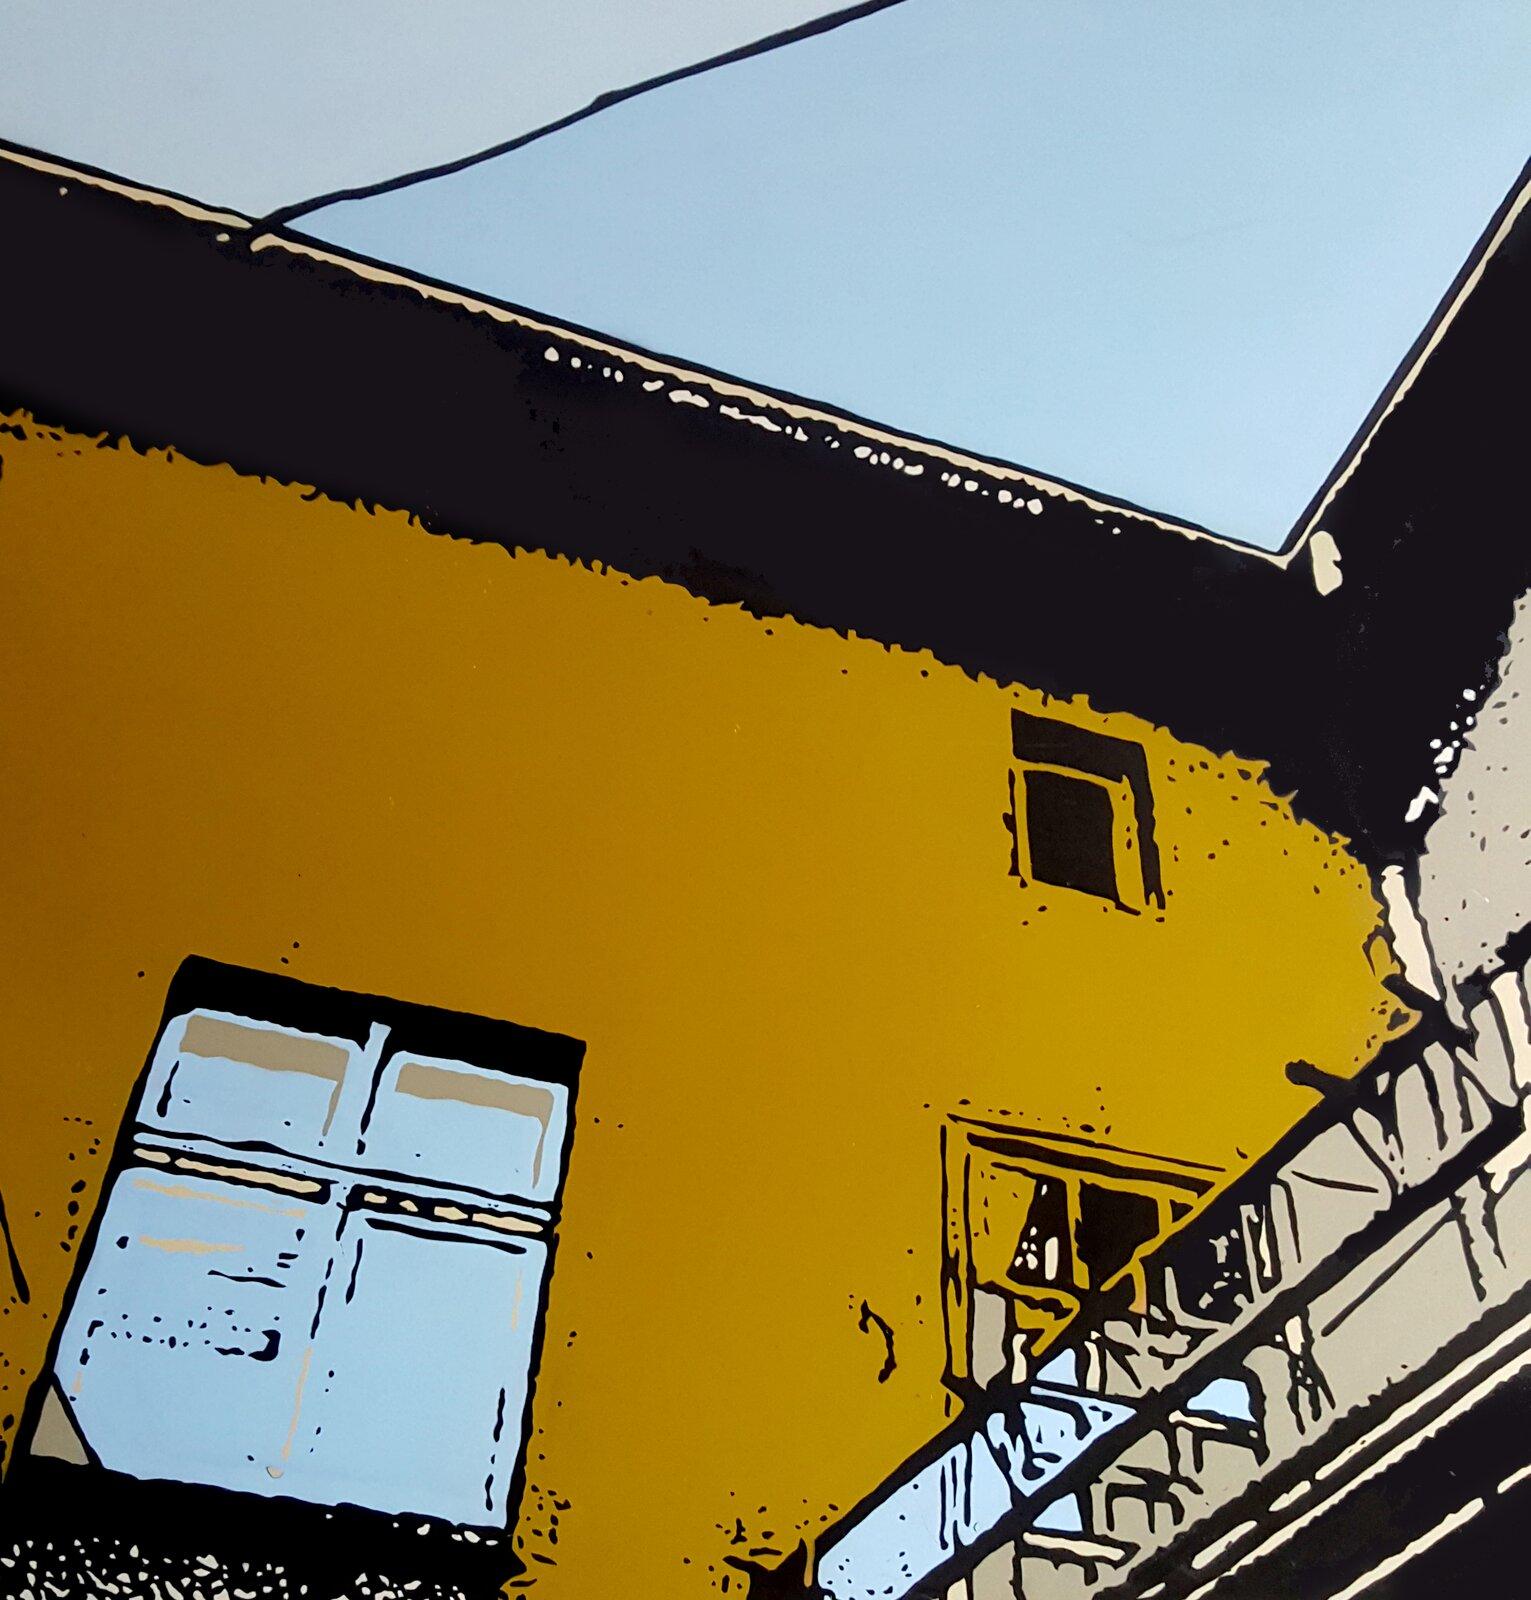 Zdjęcie ukazuje grafikę budynku. Budynek jest wkolorach zółtym oraz pomarańczowym. Budynek ma dwa okna.